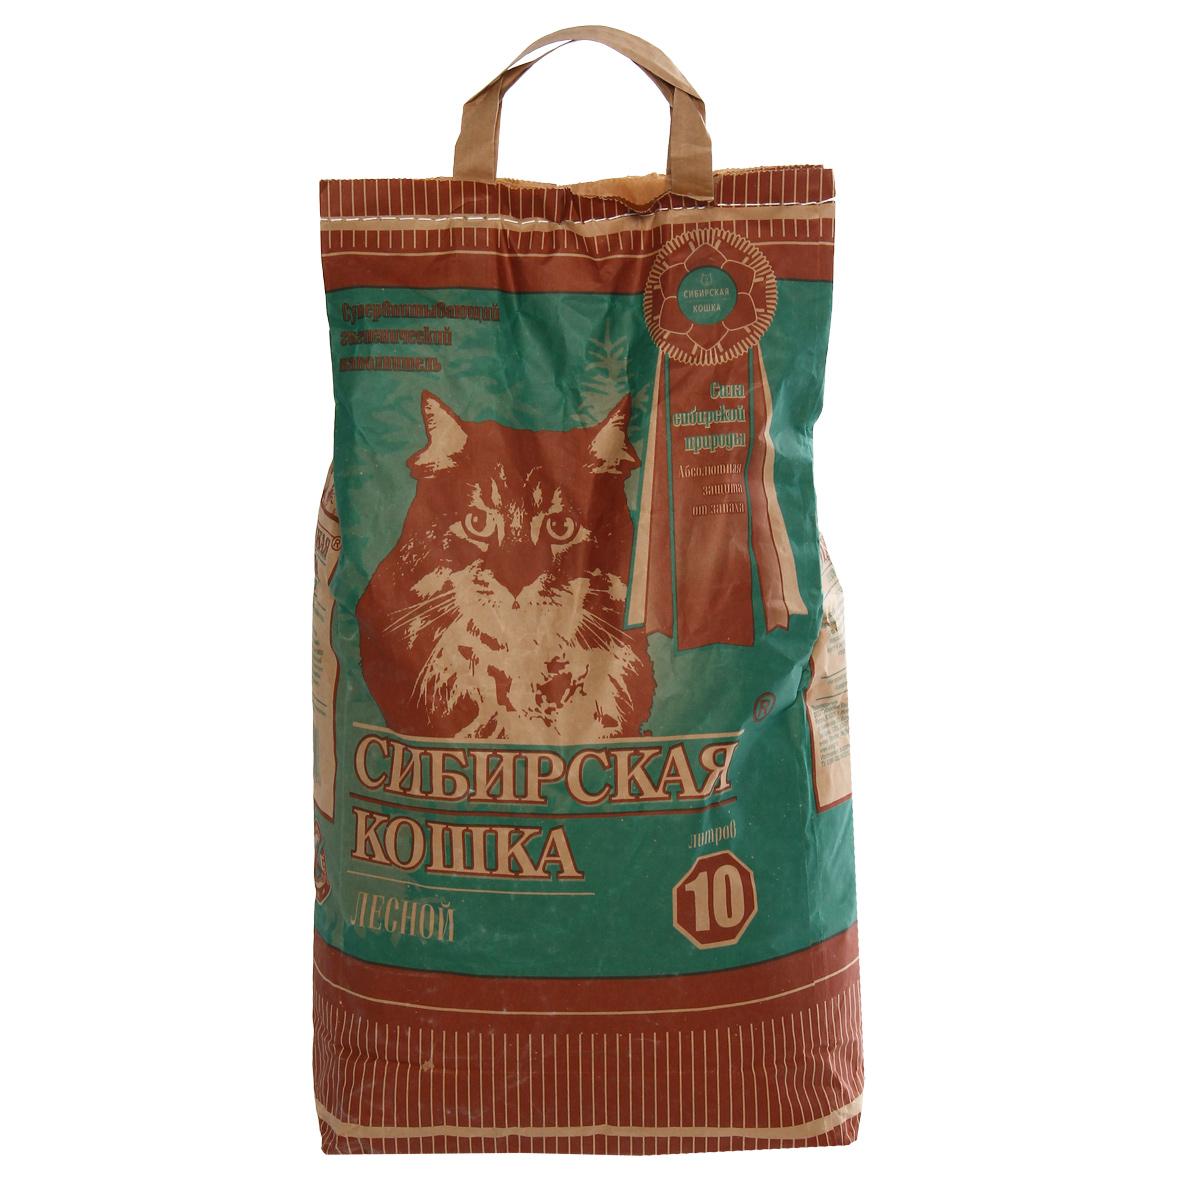 Наполнитель для кошачьих туалетов Сибирская Кошка Лесной, древесный, 10 л0120710Экологически чистый супервпитывающий наполнитель для кошачьих туалетовСибирская Кошка Лесной производится из древесины хвойных пород вотсутствии каких-либо присадок. Его действие базируется на естественных свойстваххвойных деревьев, поглощать влагу и запахи. Впитываемоcть составляет 260-320%, что в 3раза превосходит характеристики обычных наполнителей. Дезинфицирующиекачества наполнителя содействуют уничтожению болезнетворных микробов.Обладает природным естественным запахом хвои.Наполнитель возможно использовать также как подстилку в клетках для кроликов, морских свинок, крыс и хомяков.Состав: древесина хвойных пород.Объем: 10 л.Товар сертифицирован.